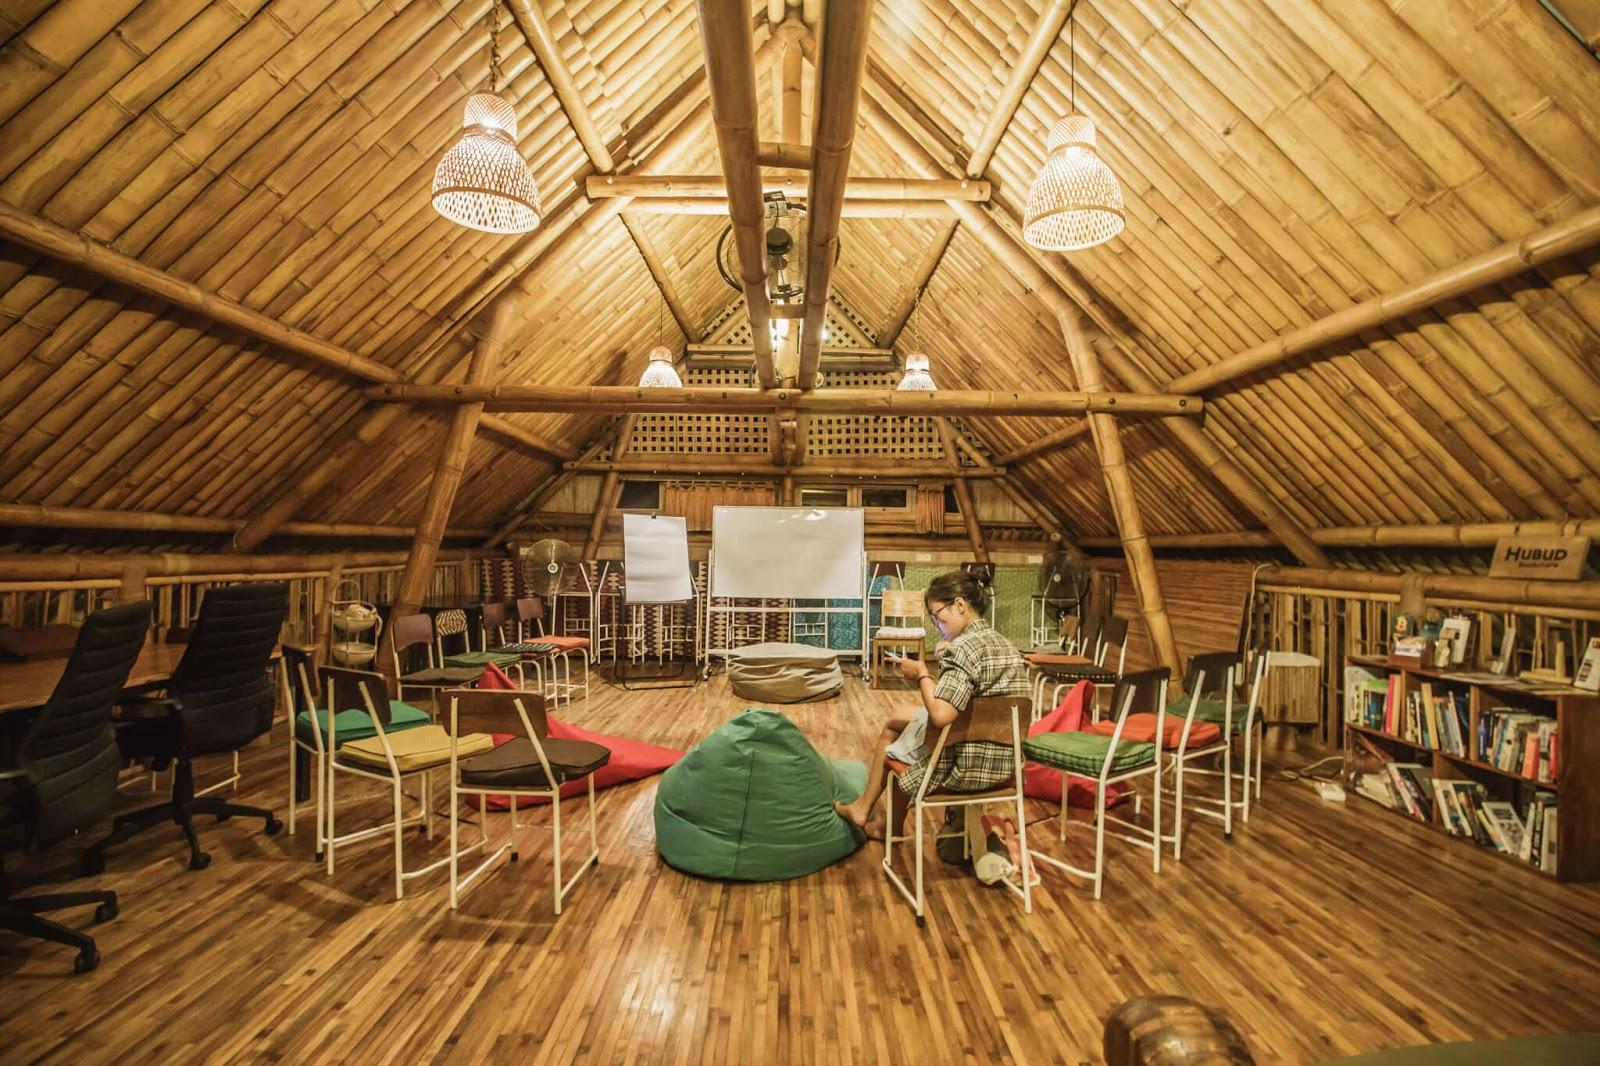 bamboo room at Hubud